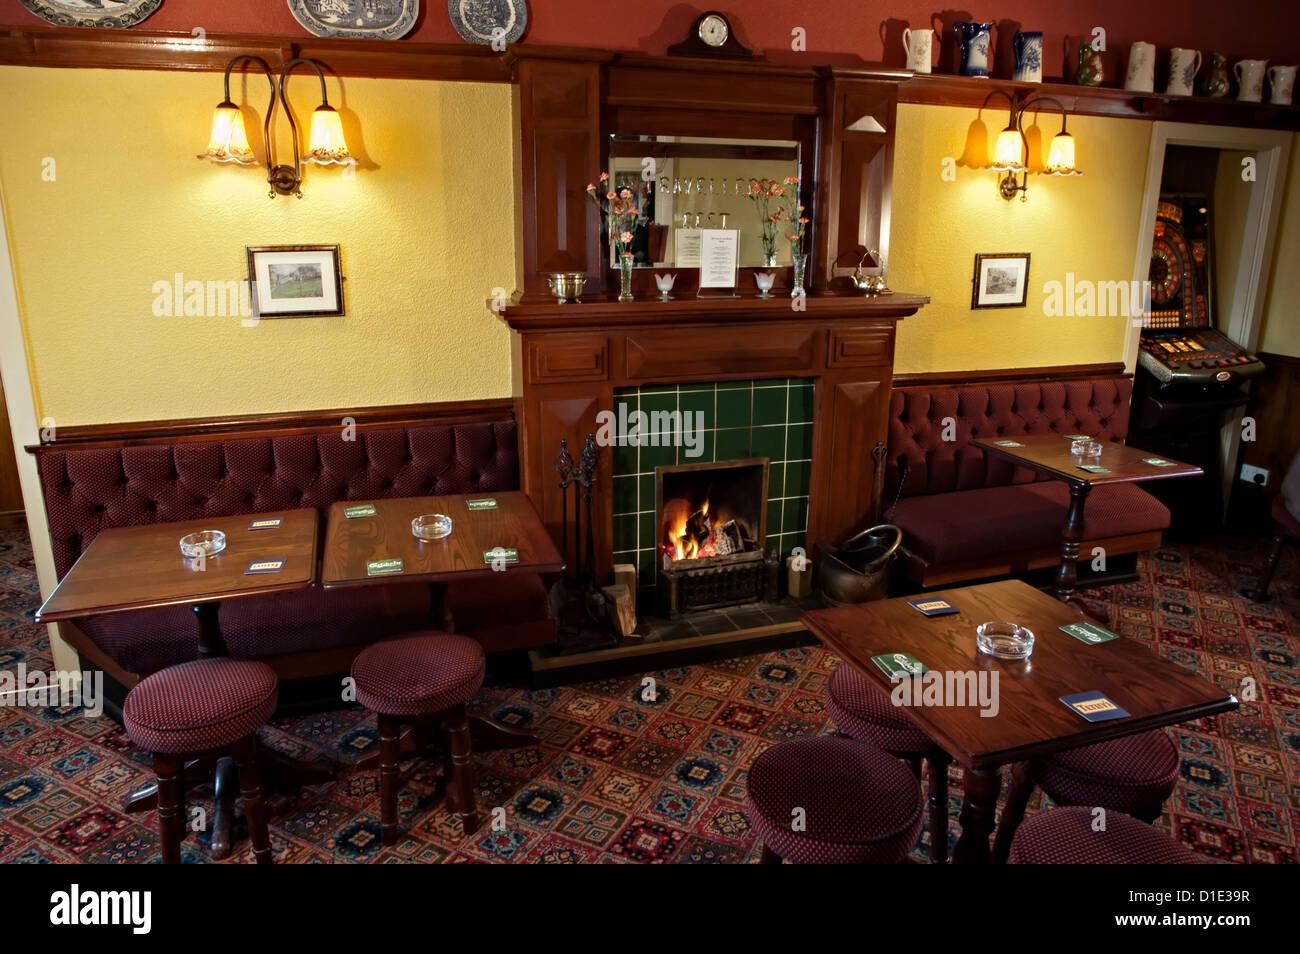 the travelers rest pub interior - Stock Image